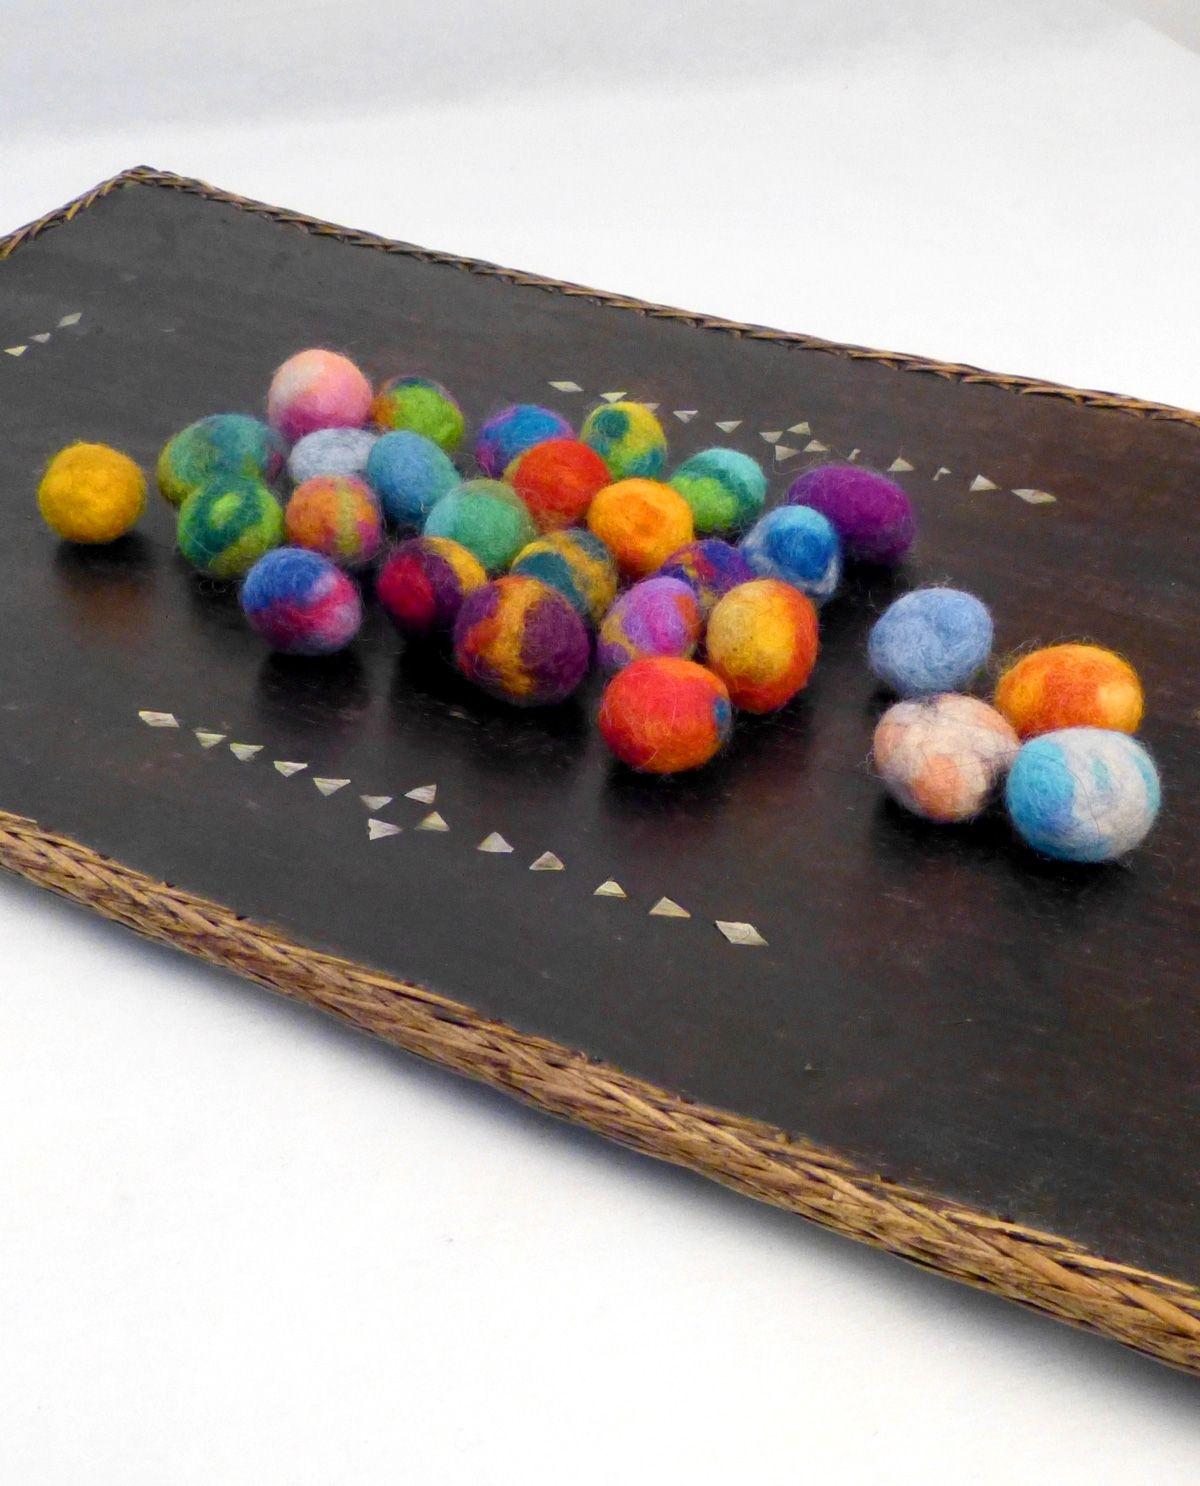 die buntesten Filzperlen für Ketten, Spielzeug, Schmuck  the most colorful felt beads for chains, toys, jewelry